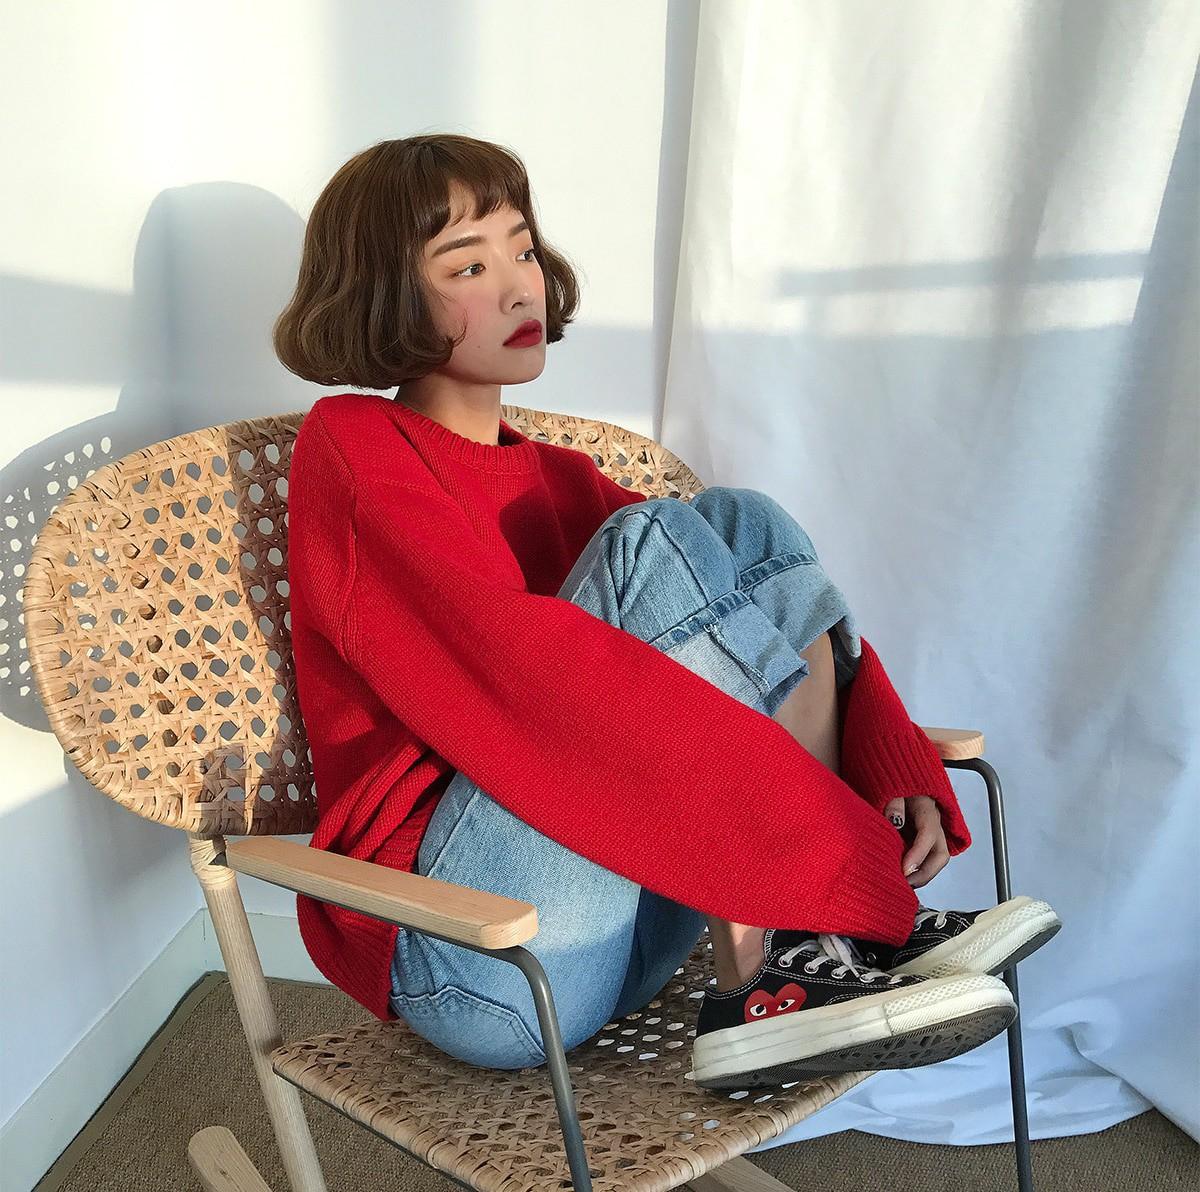 Đi chơi Giáng sinh nhất định phải diện áo len đỏ và đây là 12 gợi ý mix đồ với áo len đỏ xinh lung linh cho bạn - Ảnh 2.